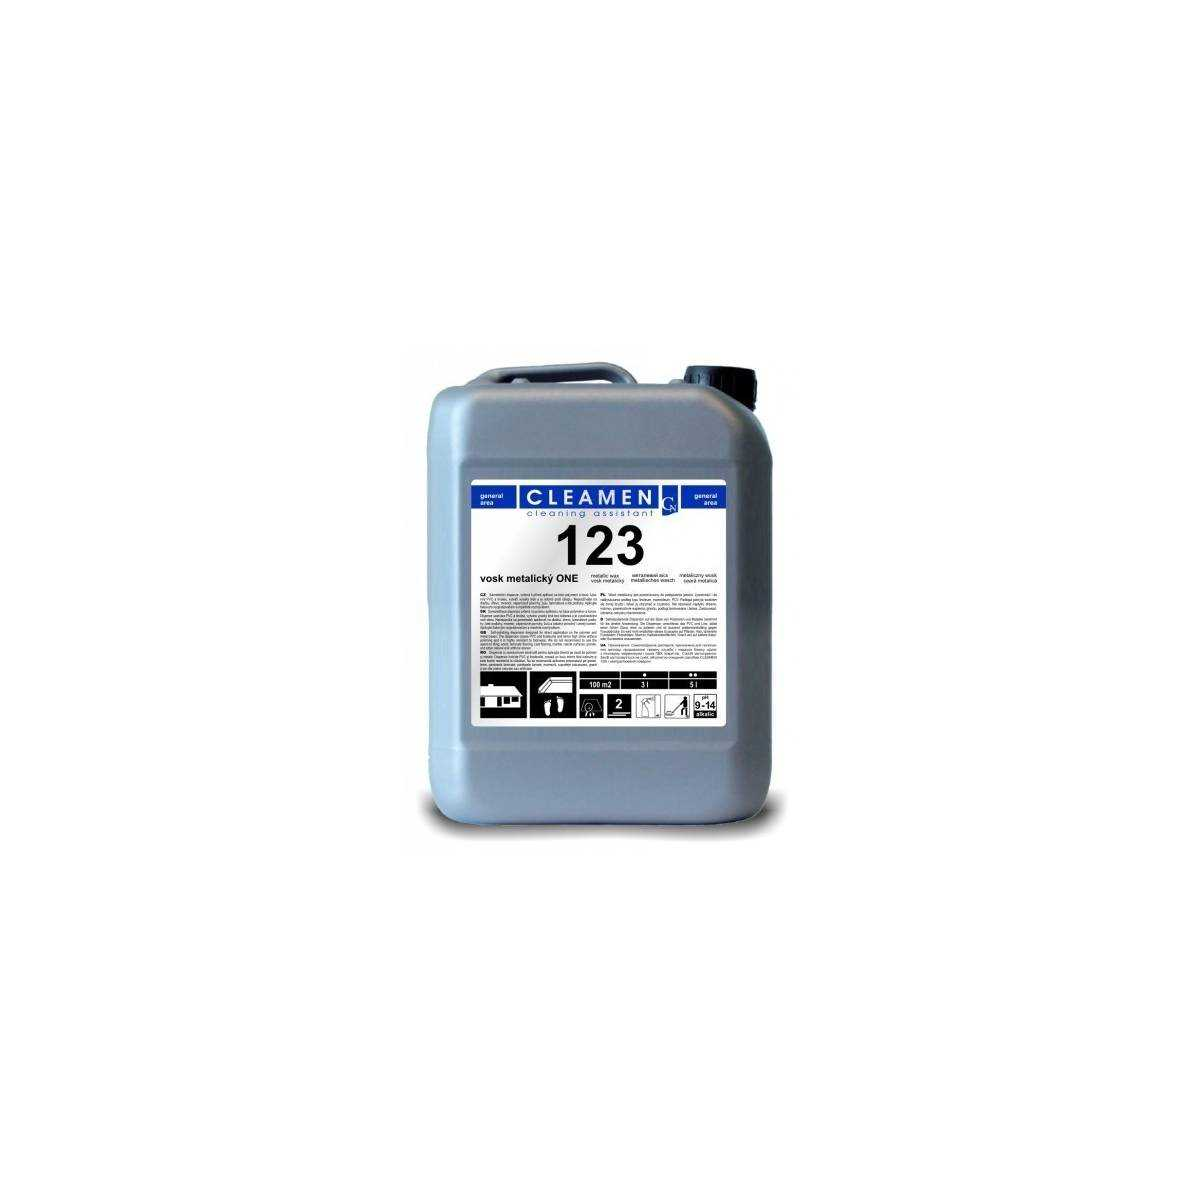 Защитное покрытие для линолеума Cleamen 123 5л VC123050099 ECOCHEM